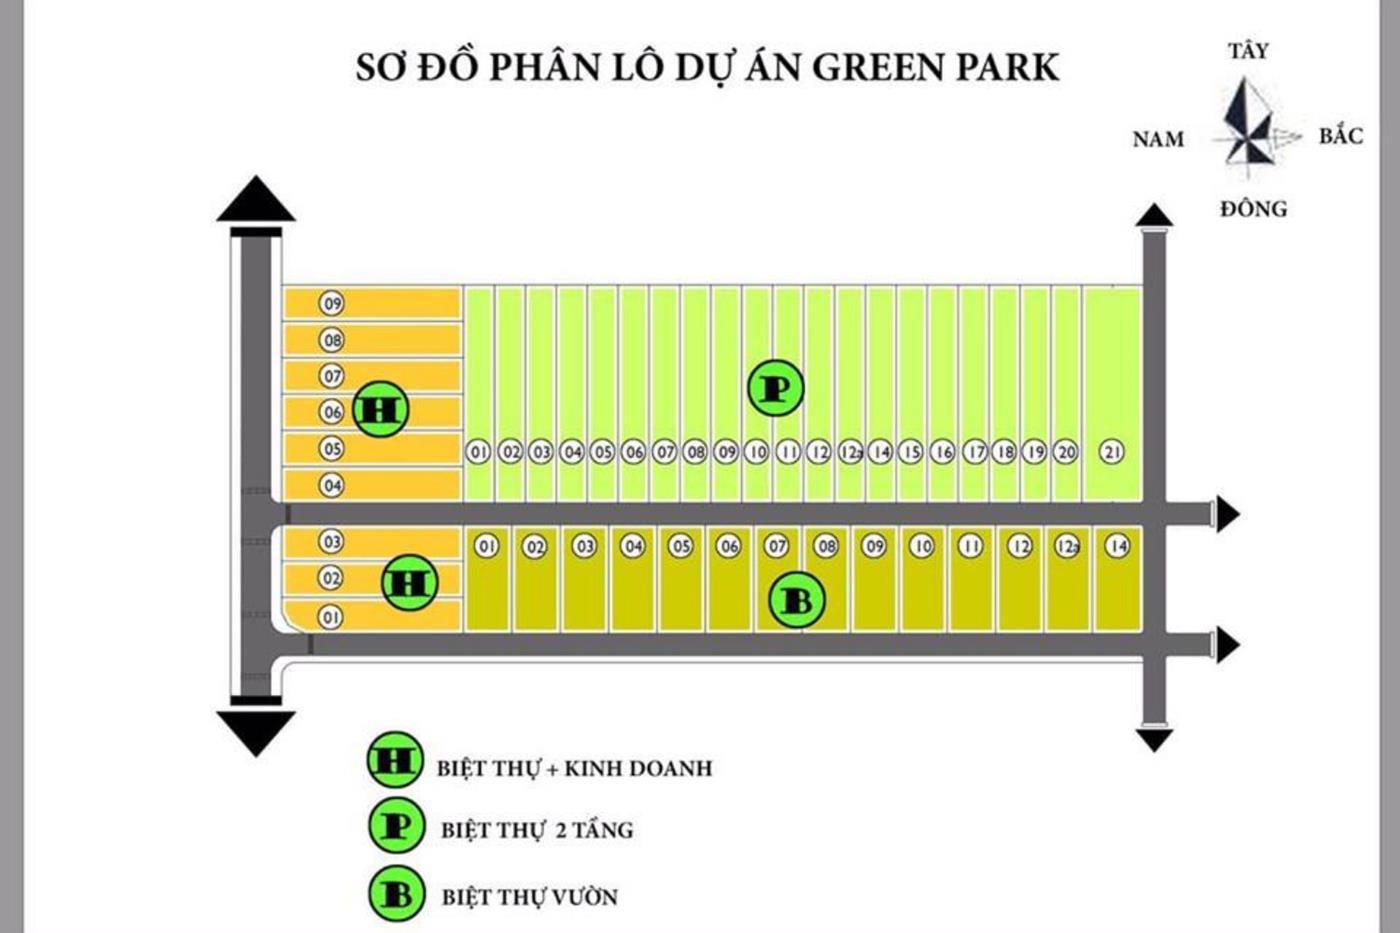 Mặt bằng phân lô khu biệt thự Green Park Bảo Lộc